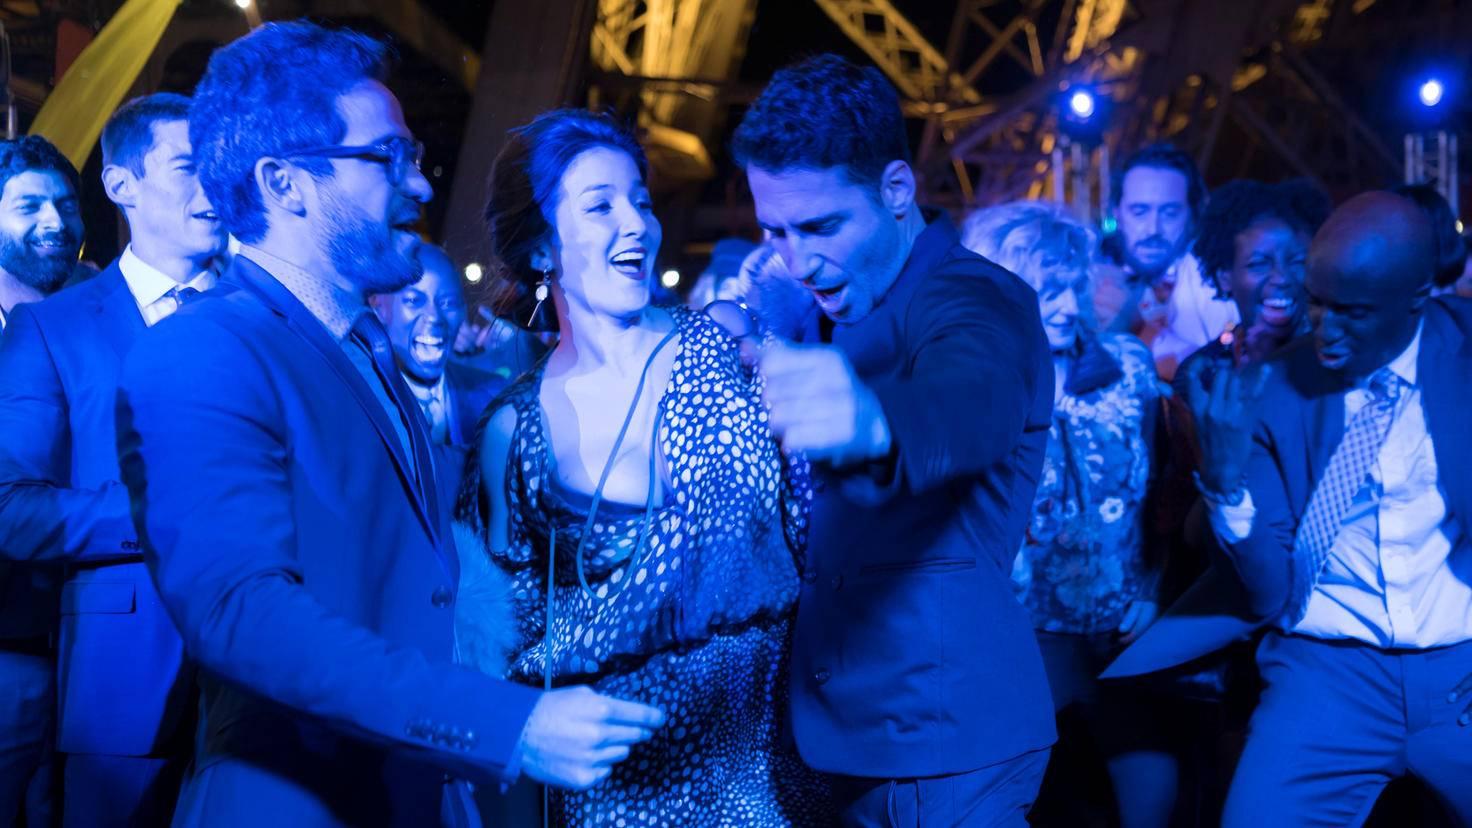 Anschließend feiert das Cluster: Hier Lito (rechts im Bild) mit Hernando und Dani.